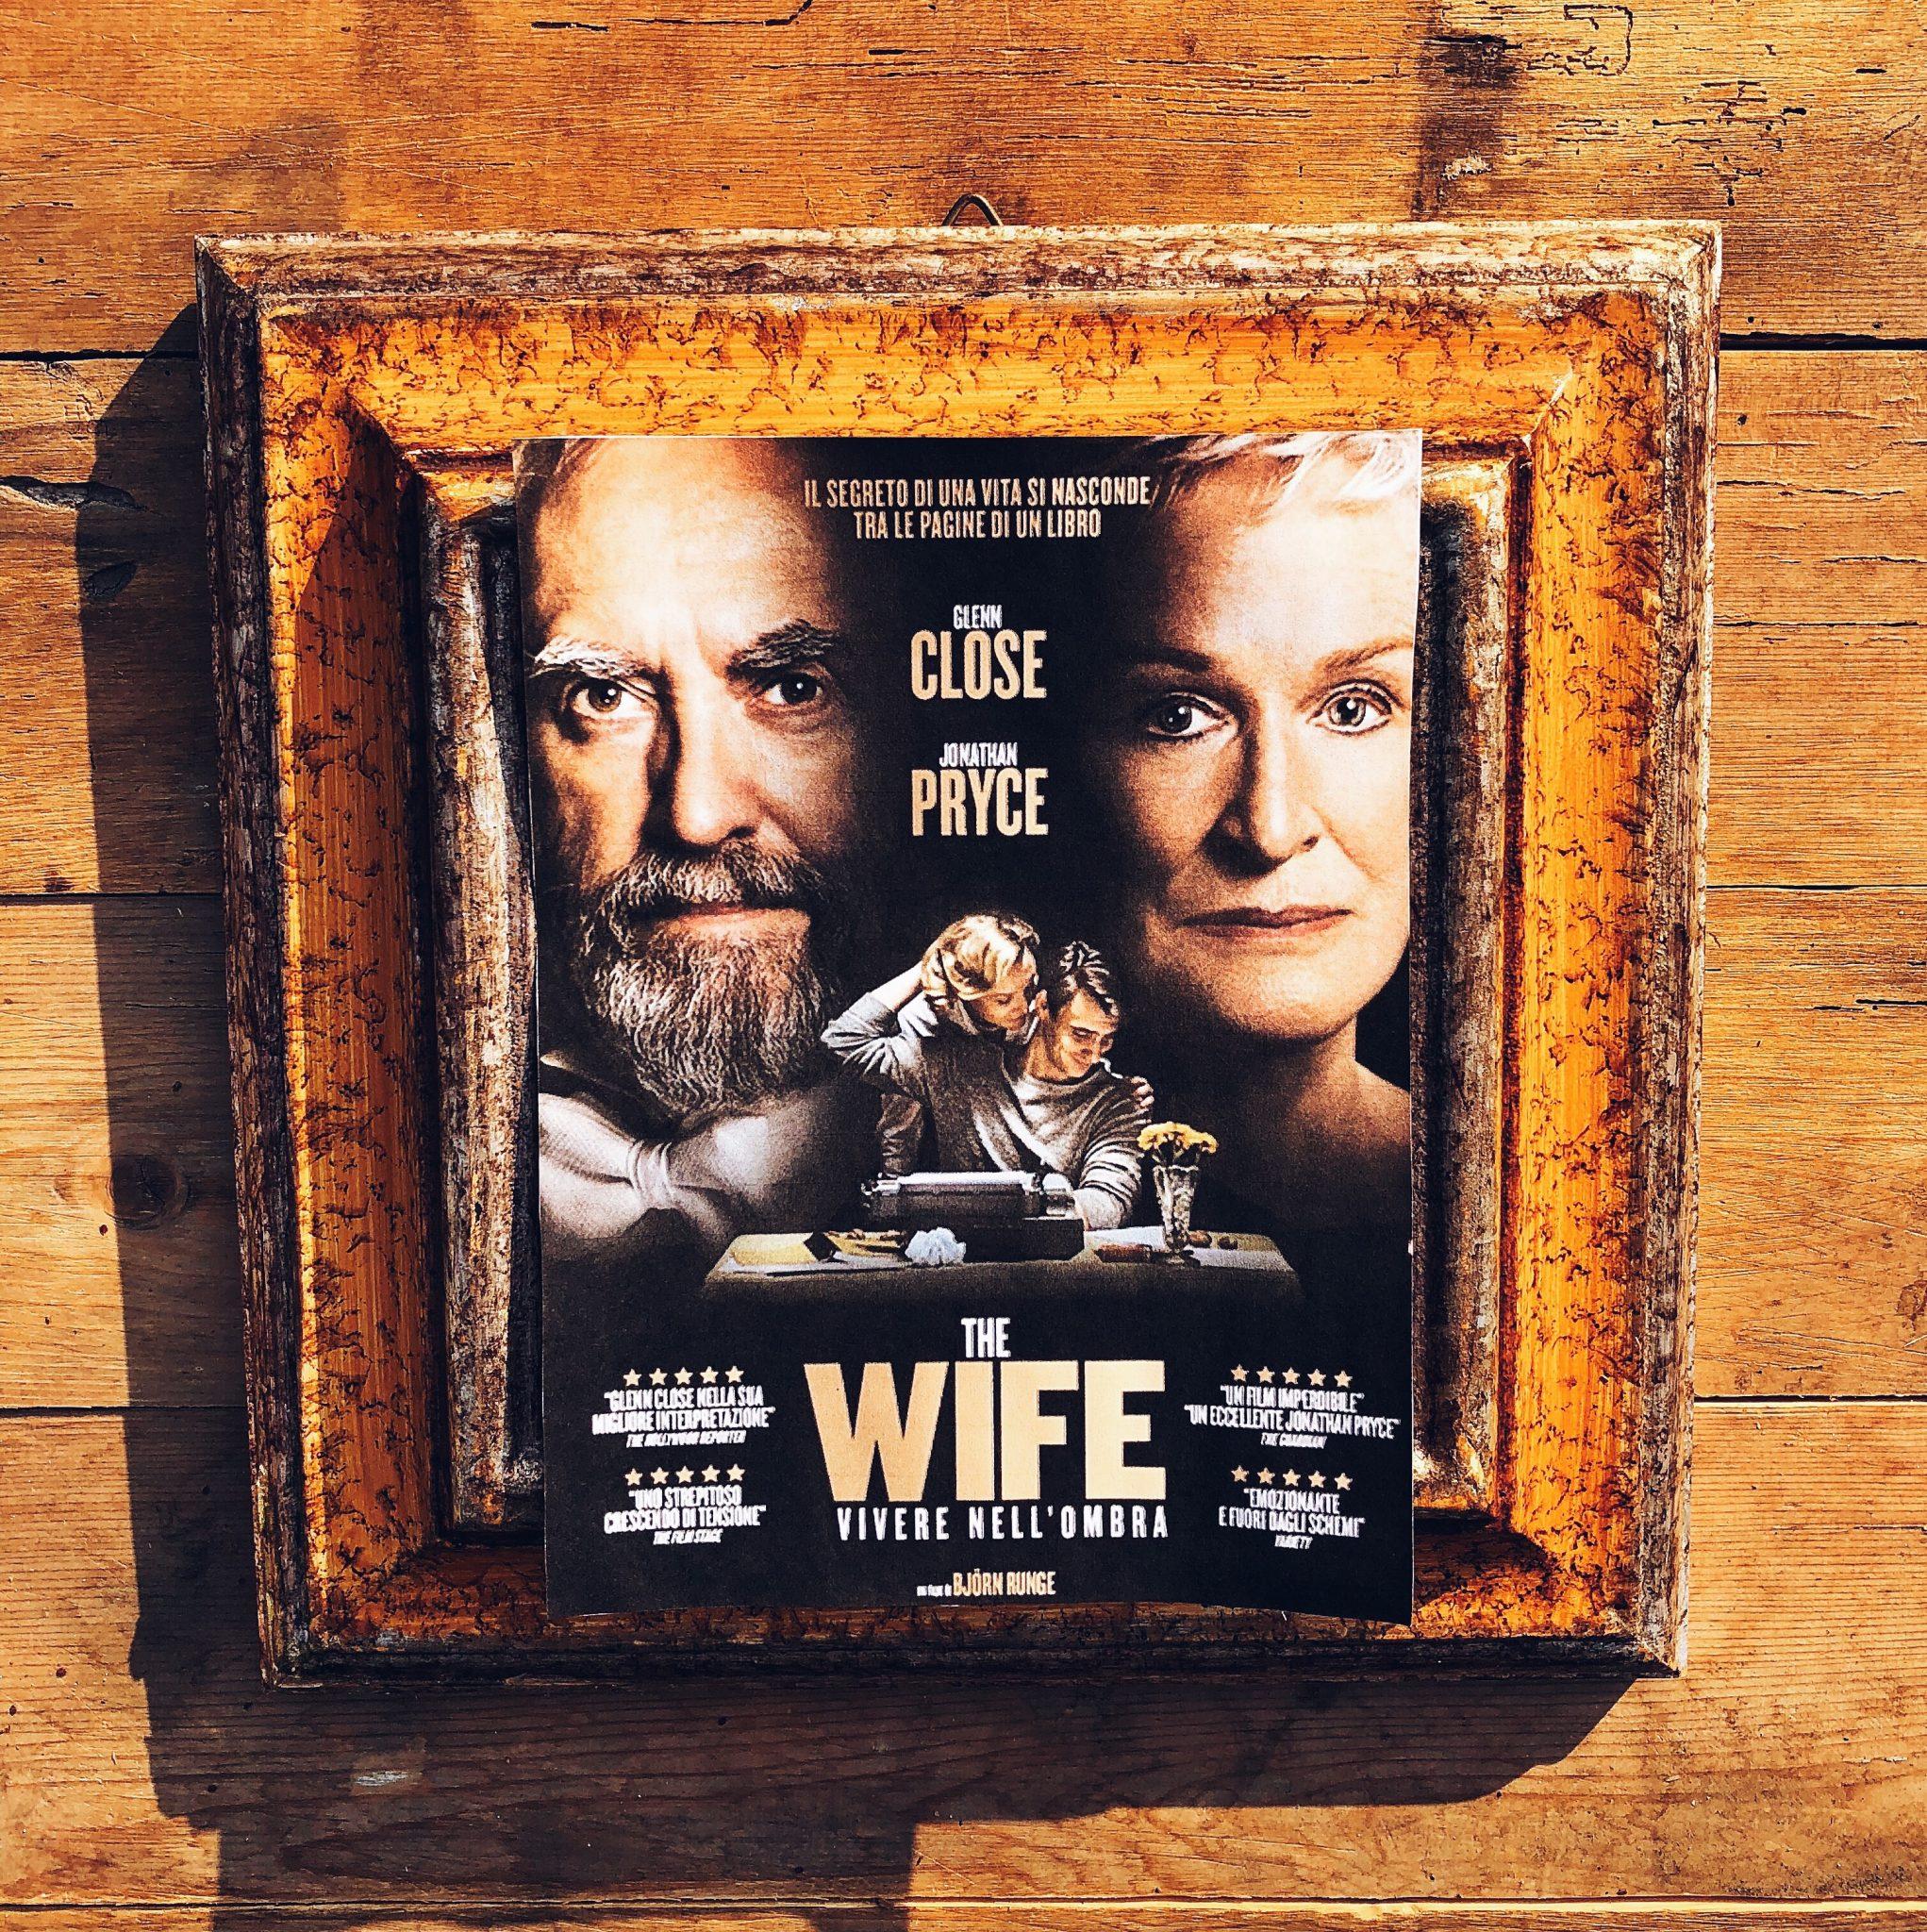 Locandina del film The Wife all'interno di una cornice antica appoggiata su assi di legno - foto di tatianaberlaffa.com